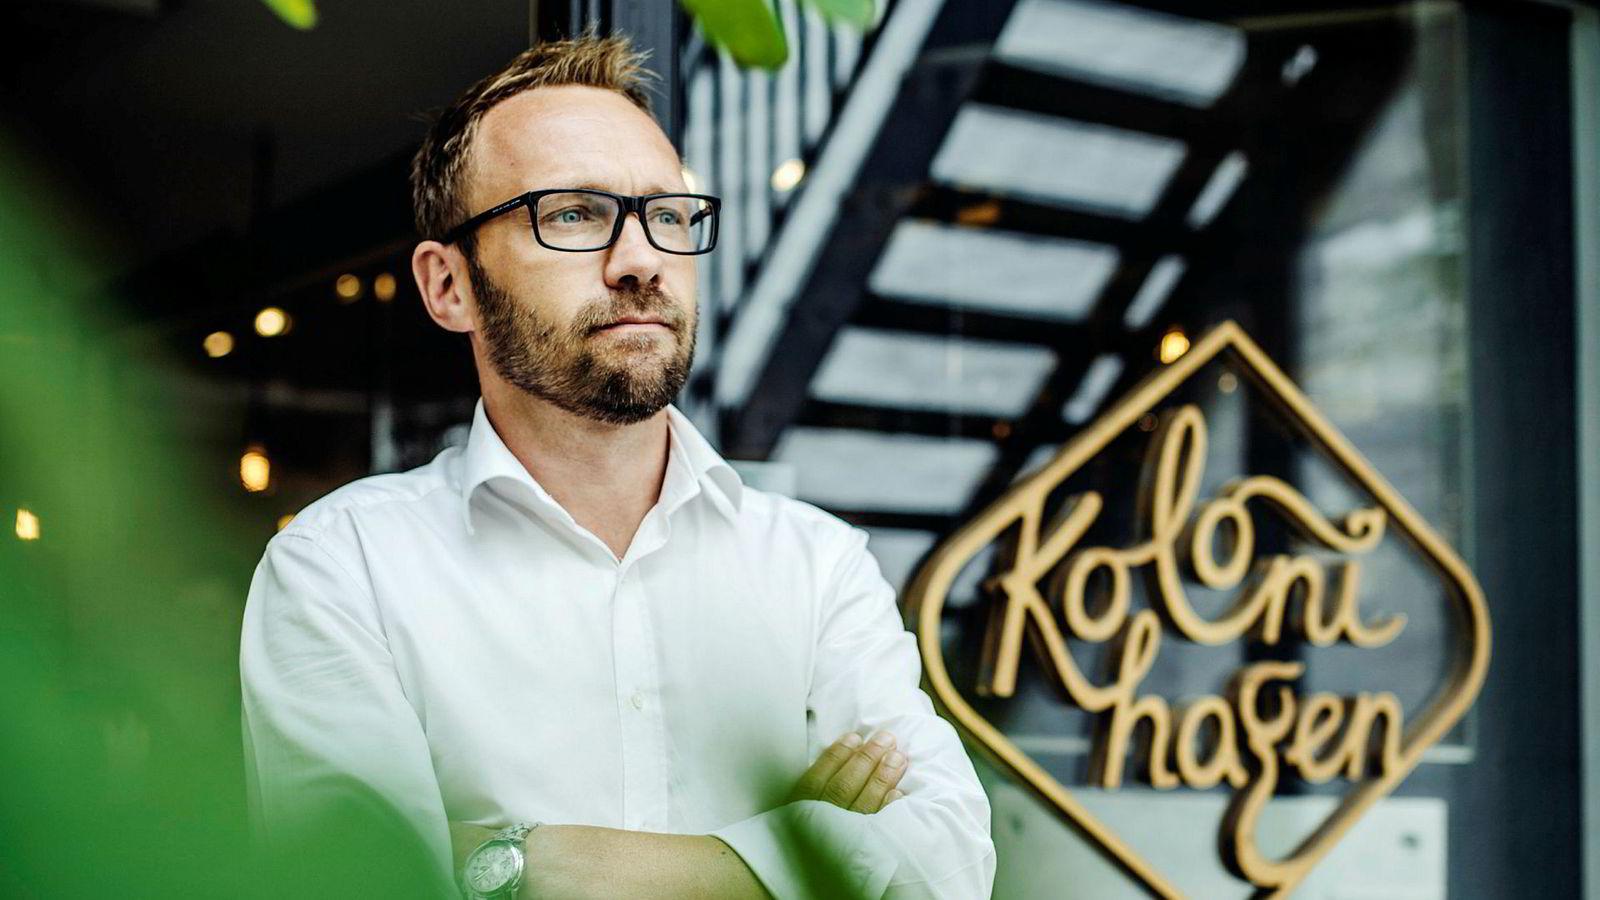 Jon-Frede Engdahl bygget opp Kolonihagen og solgte til Rema. Nå jobber økologiforkjemperen med å få flere meieriprodukter med økologisk melk inn i Rema-hyllene, men er frustrert over at han må til Danmark for å få det til.